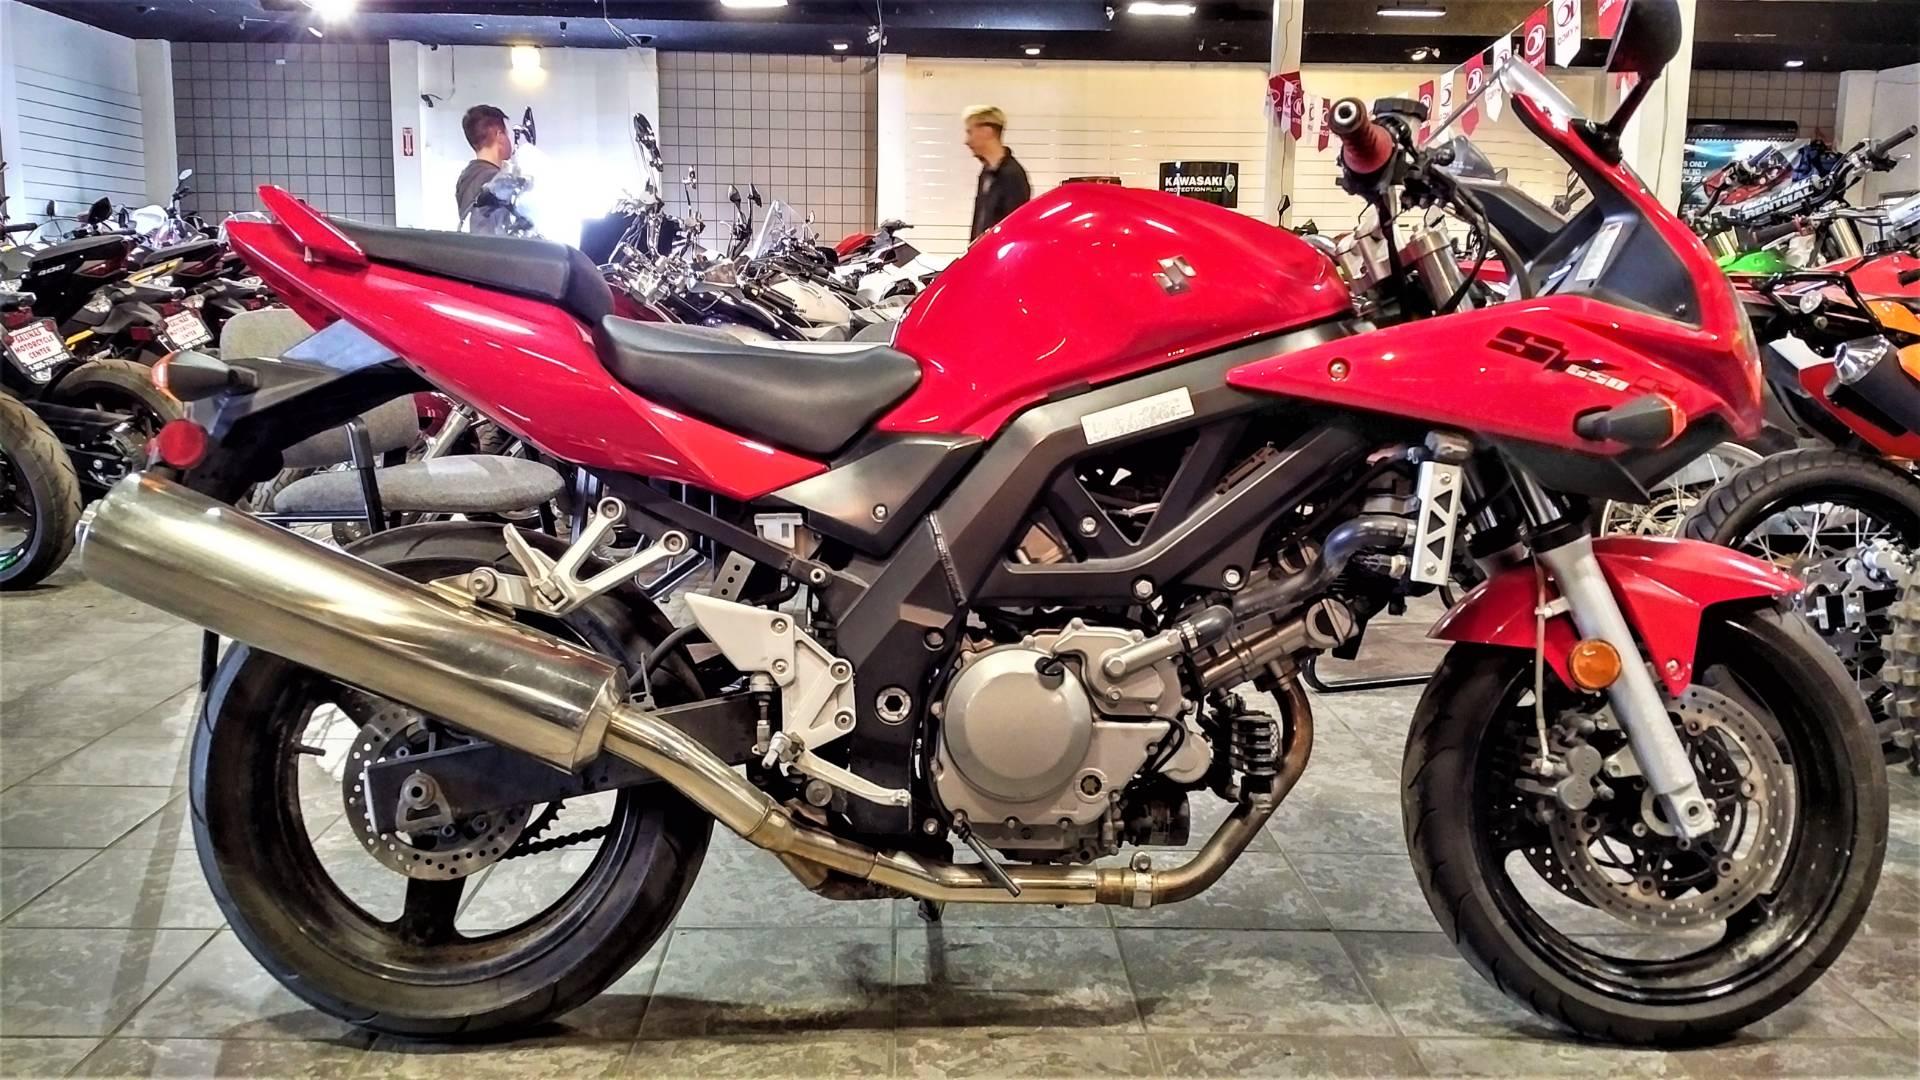 2006 Suzuki SV650S for sale 54002